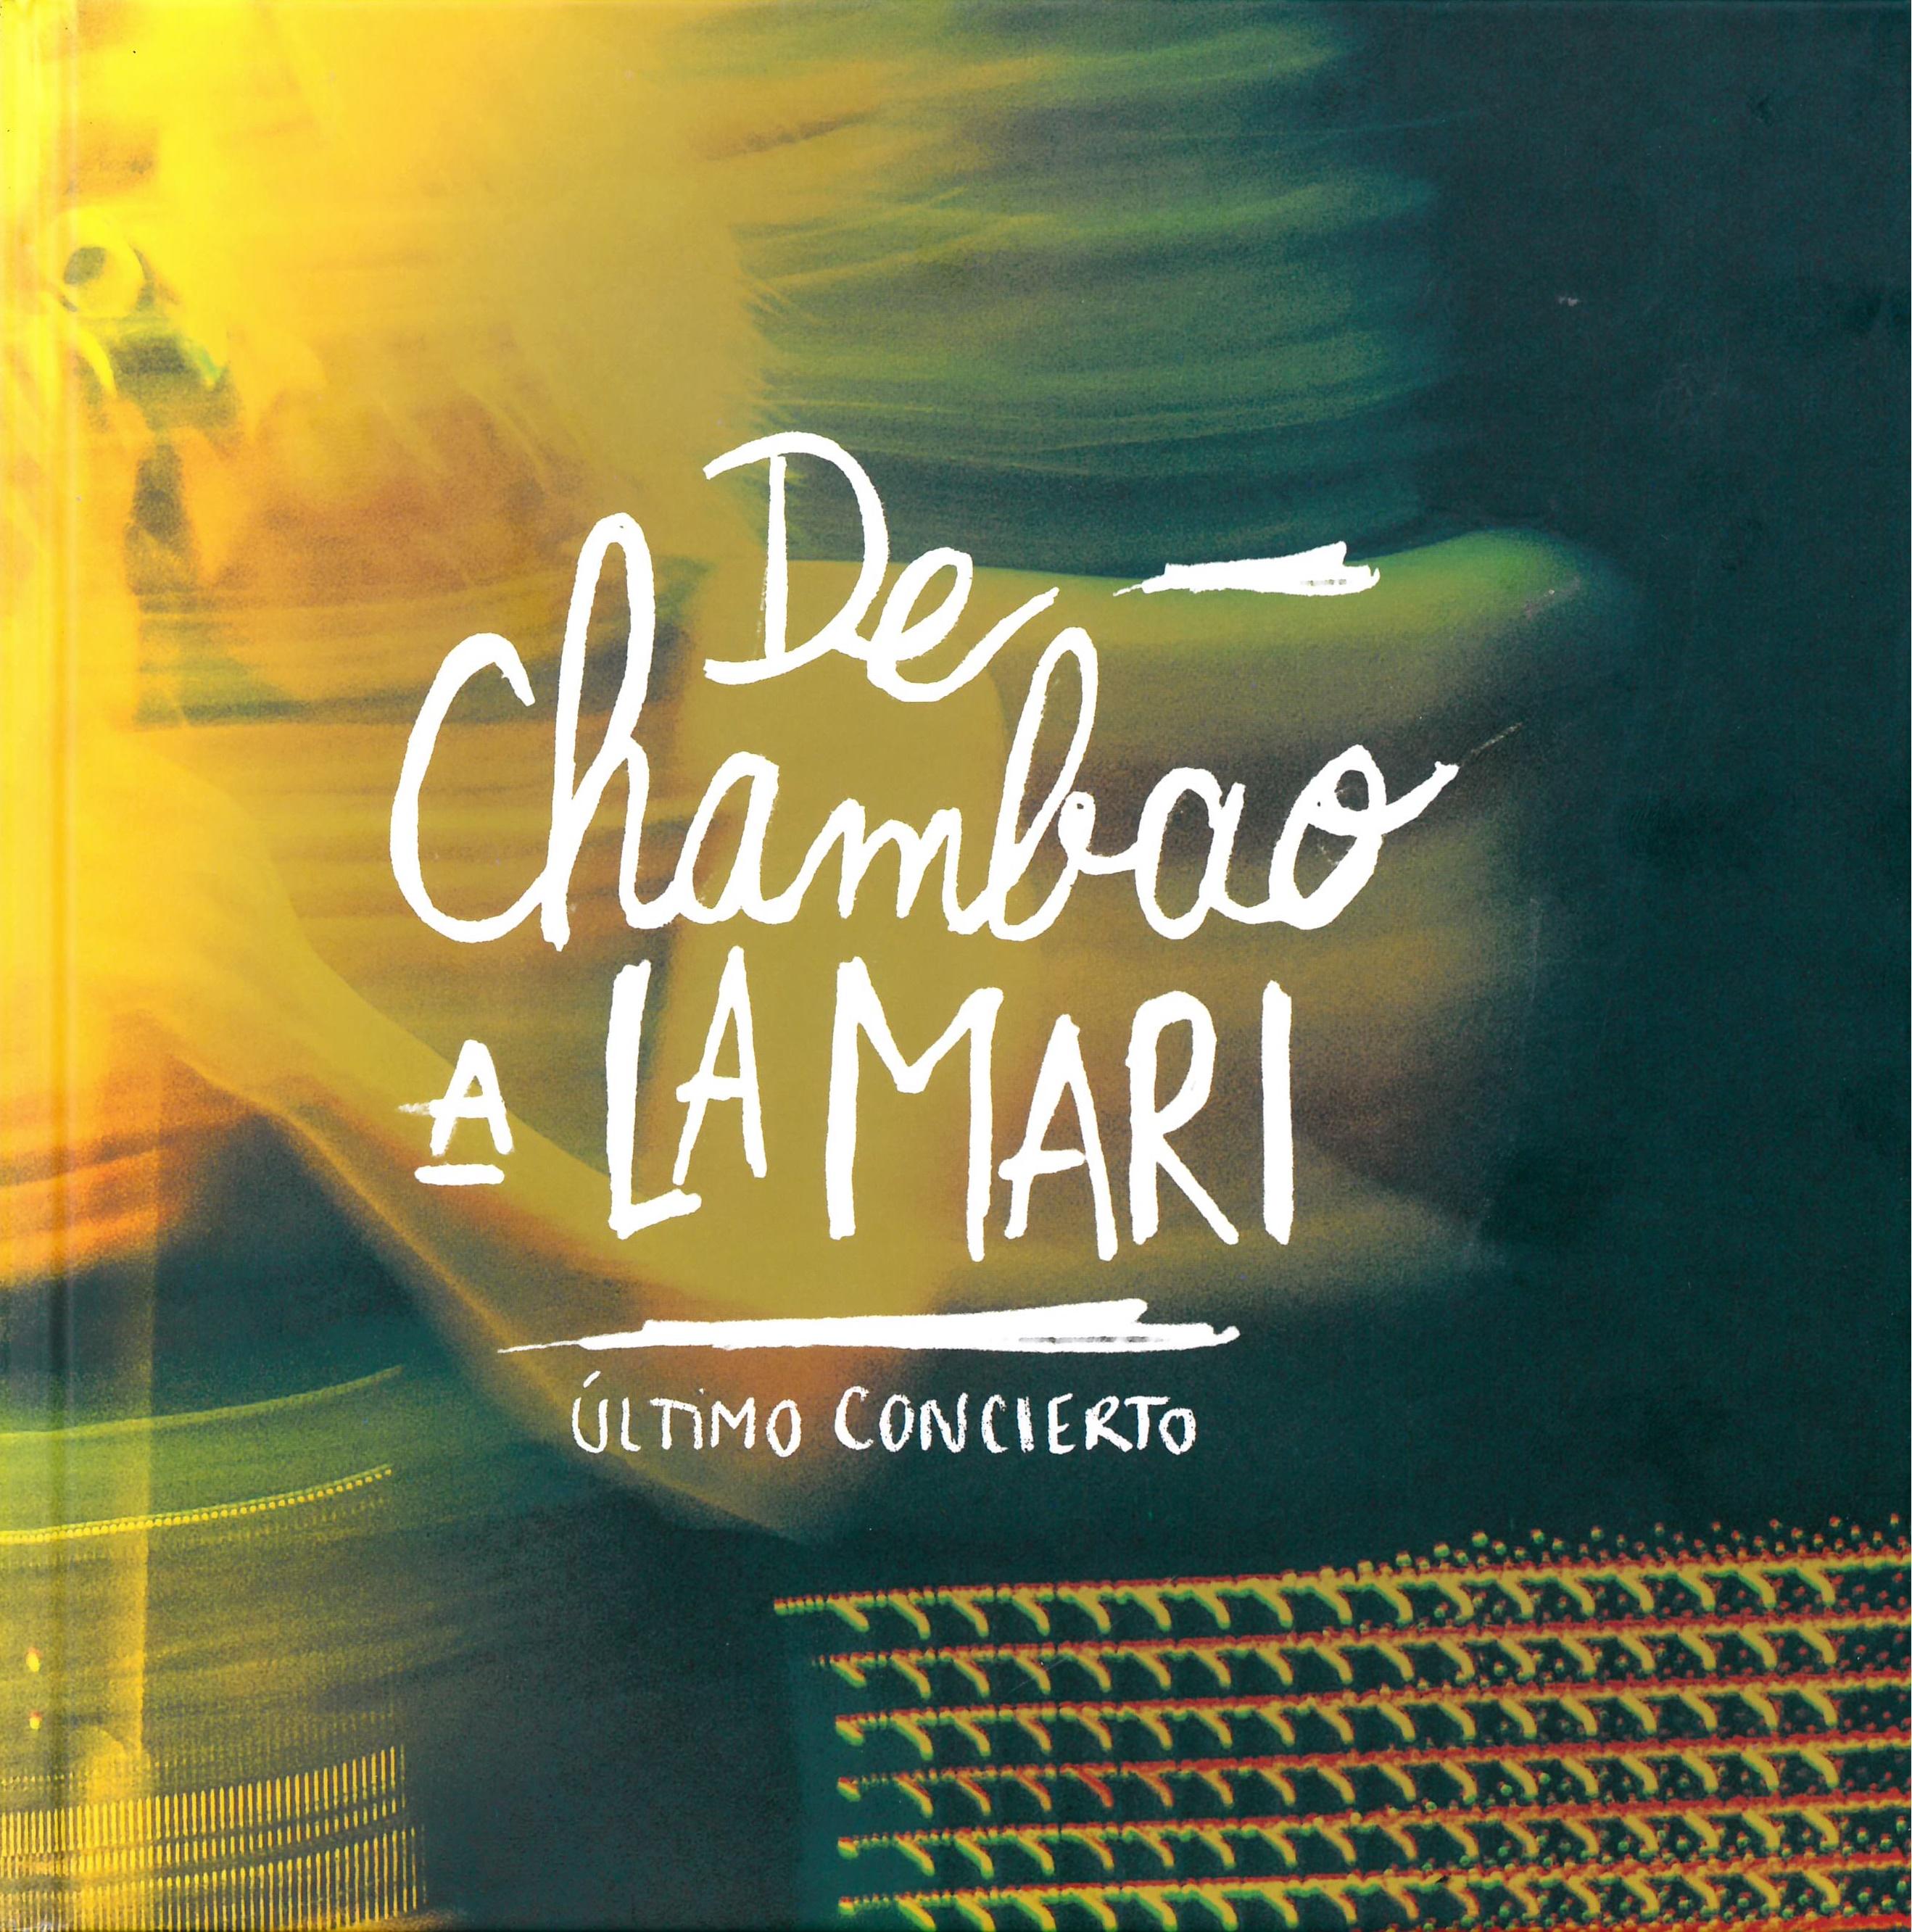 De Chambao a LaMari: Último concierto